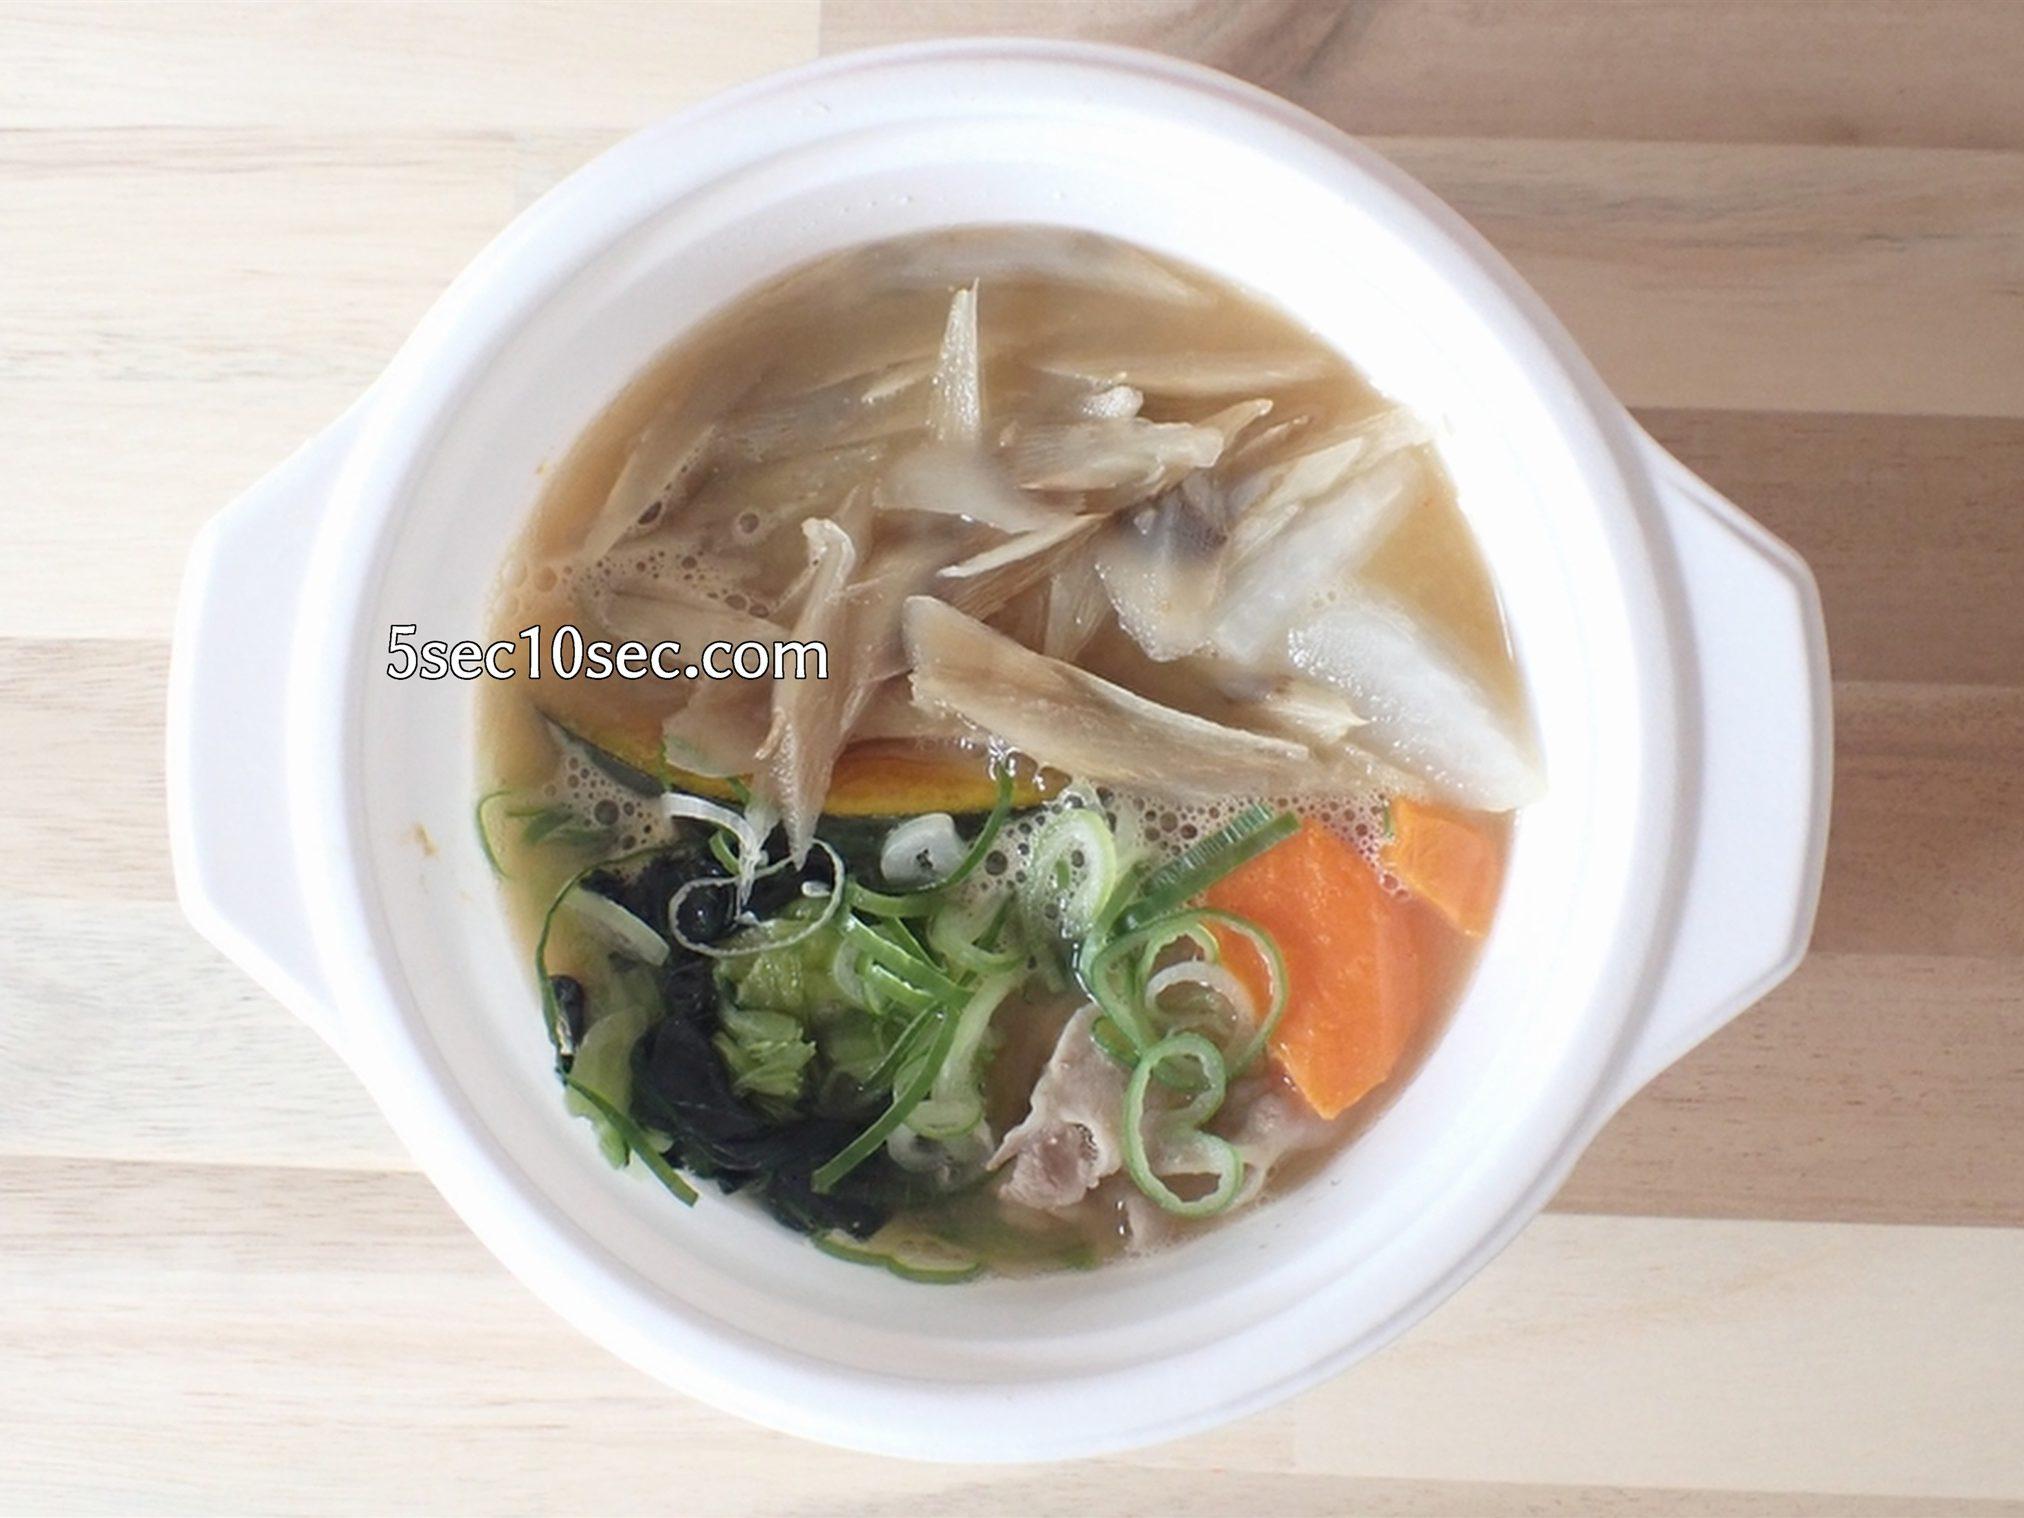 冷凍宅配弁当 ウェルネスダイニング ベジ活スープ食 豚汁 電子レンジで解凍後の写真